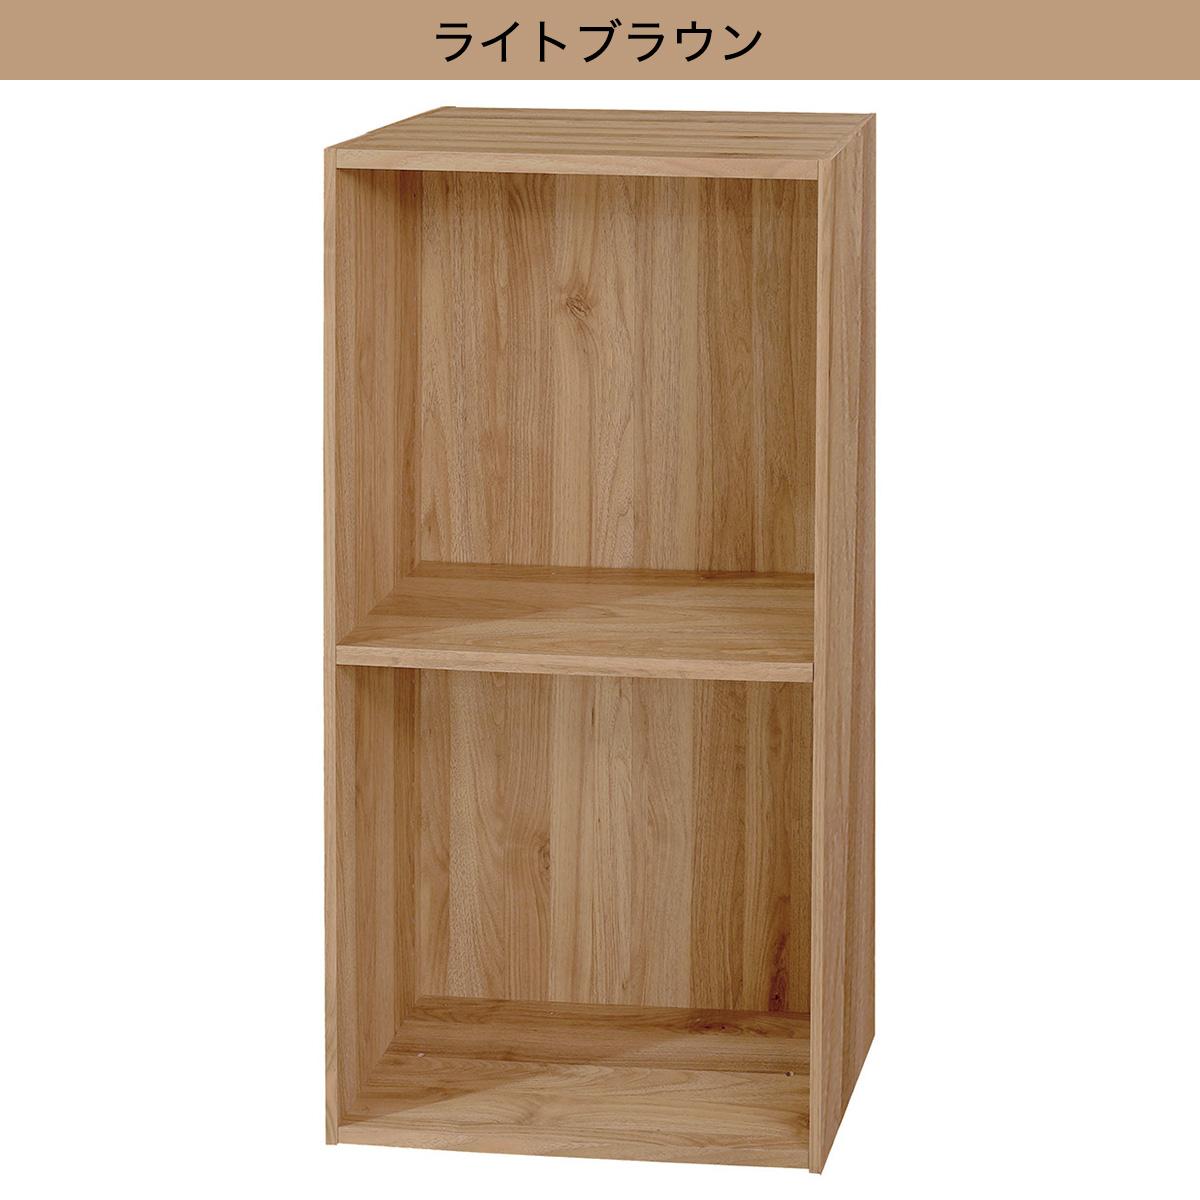 簡単組立て Nクリック ボックス レギュラー2段 ニトリ 【玄関先迄納品】 【1年保証】